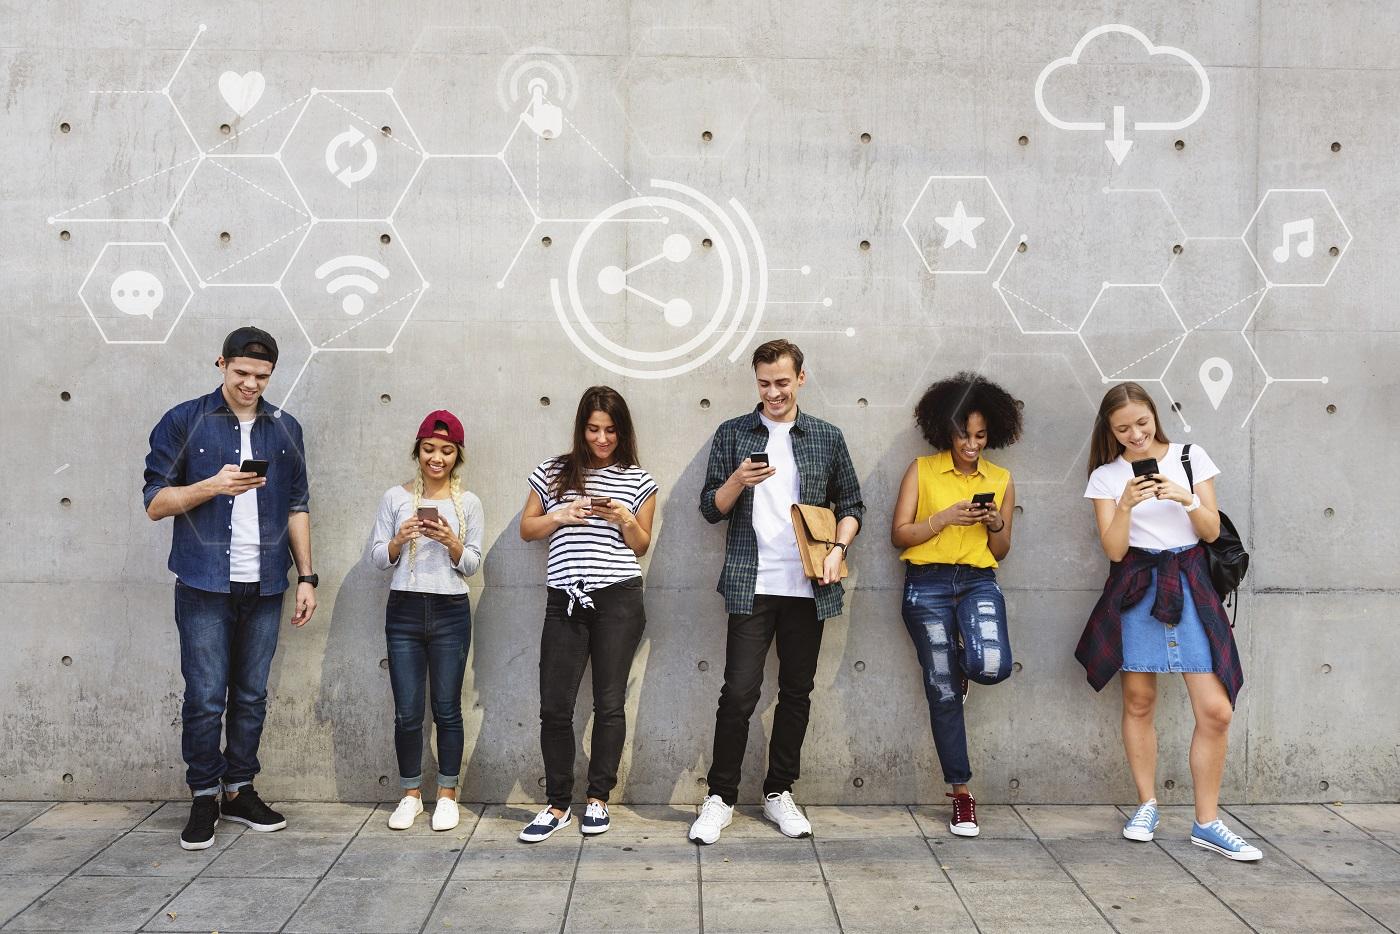 داستان شبکه های اجتماعی (1) - زبان و هوش جمعی